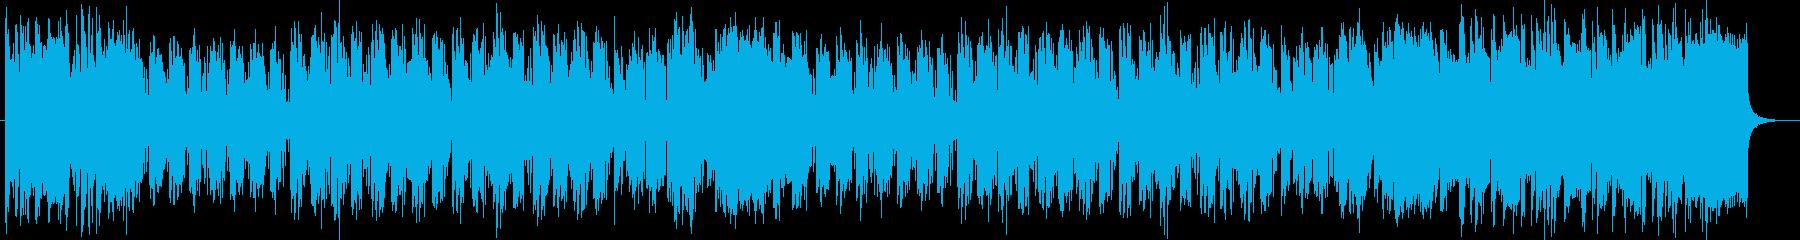 明るく勢いのあるシンセサイザーサウンドの再生済みの波形